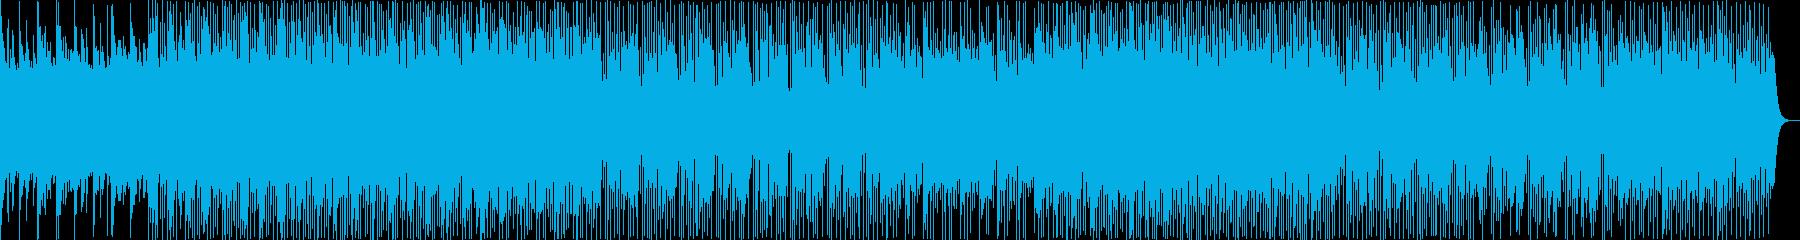 不思議、実験レトロシンセサイザーの再生済みの波形